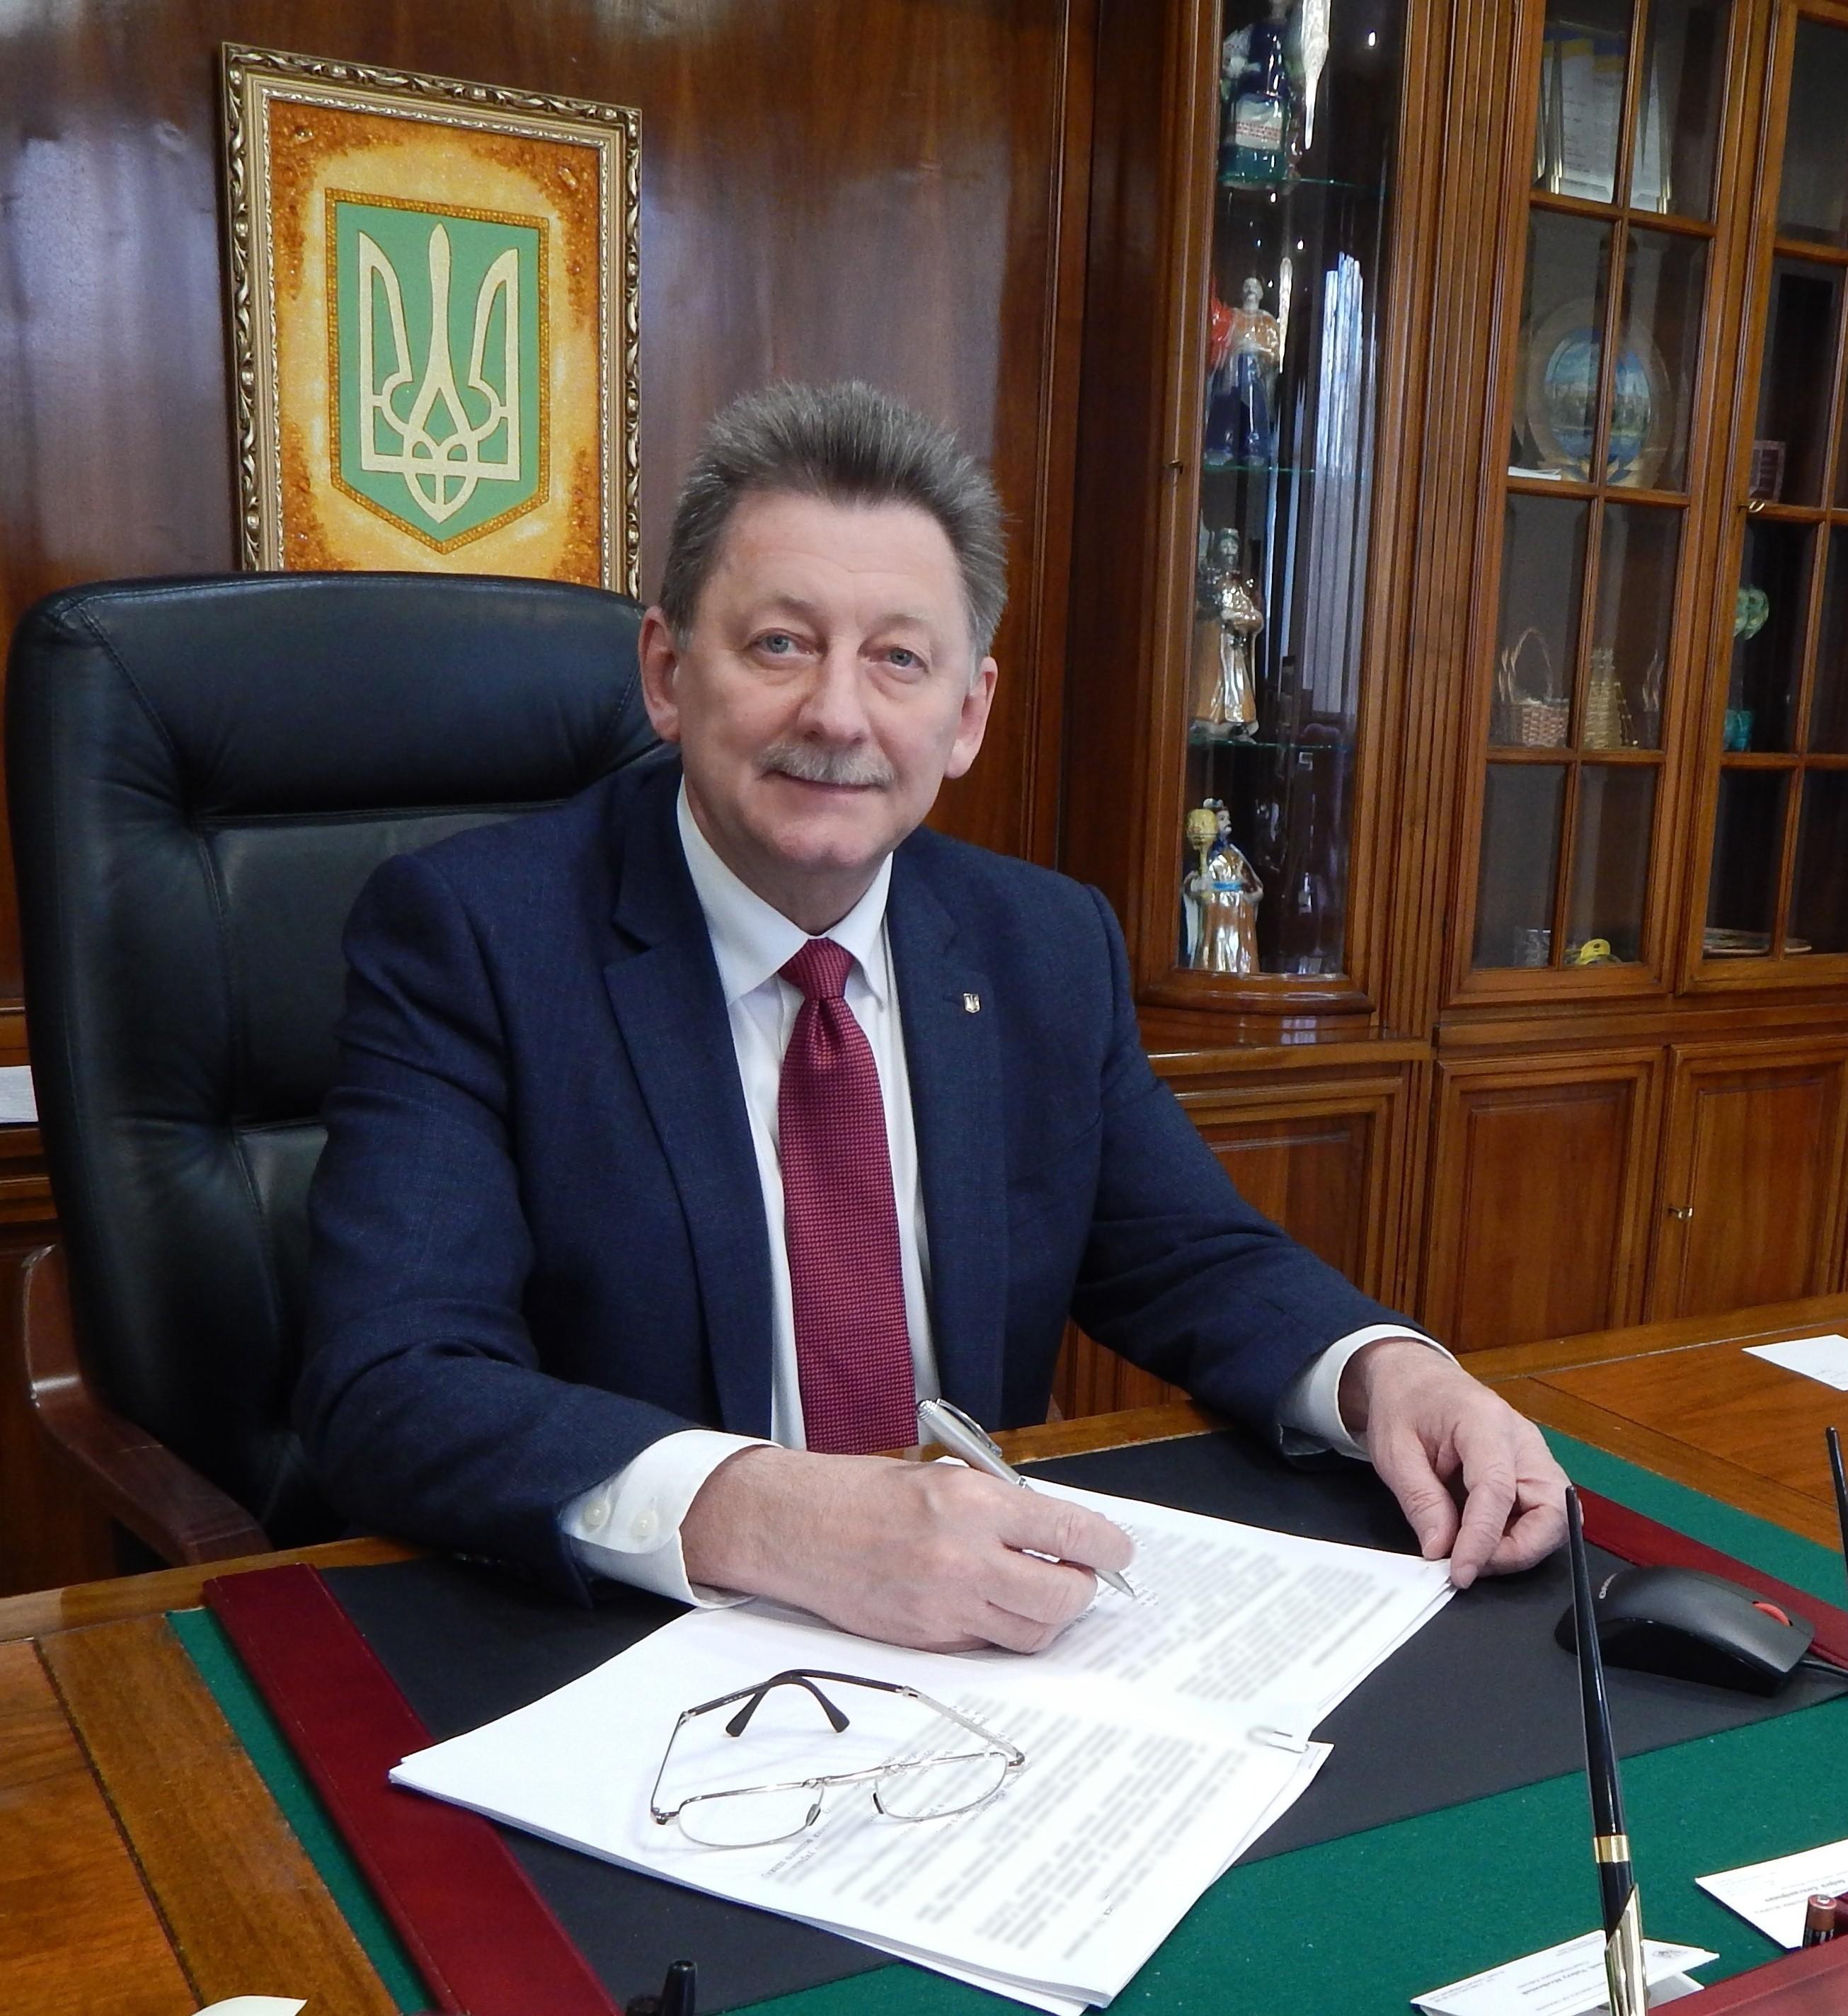 Кизим заявляет, что не согласен с решением белорусской стороны об объявлении персоной нон грата сотрудника посольства украины в Беларуси Игоря Скворцова / фото belarus.mfa.gov.ua